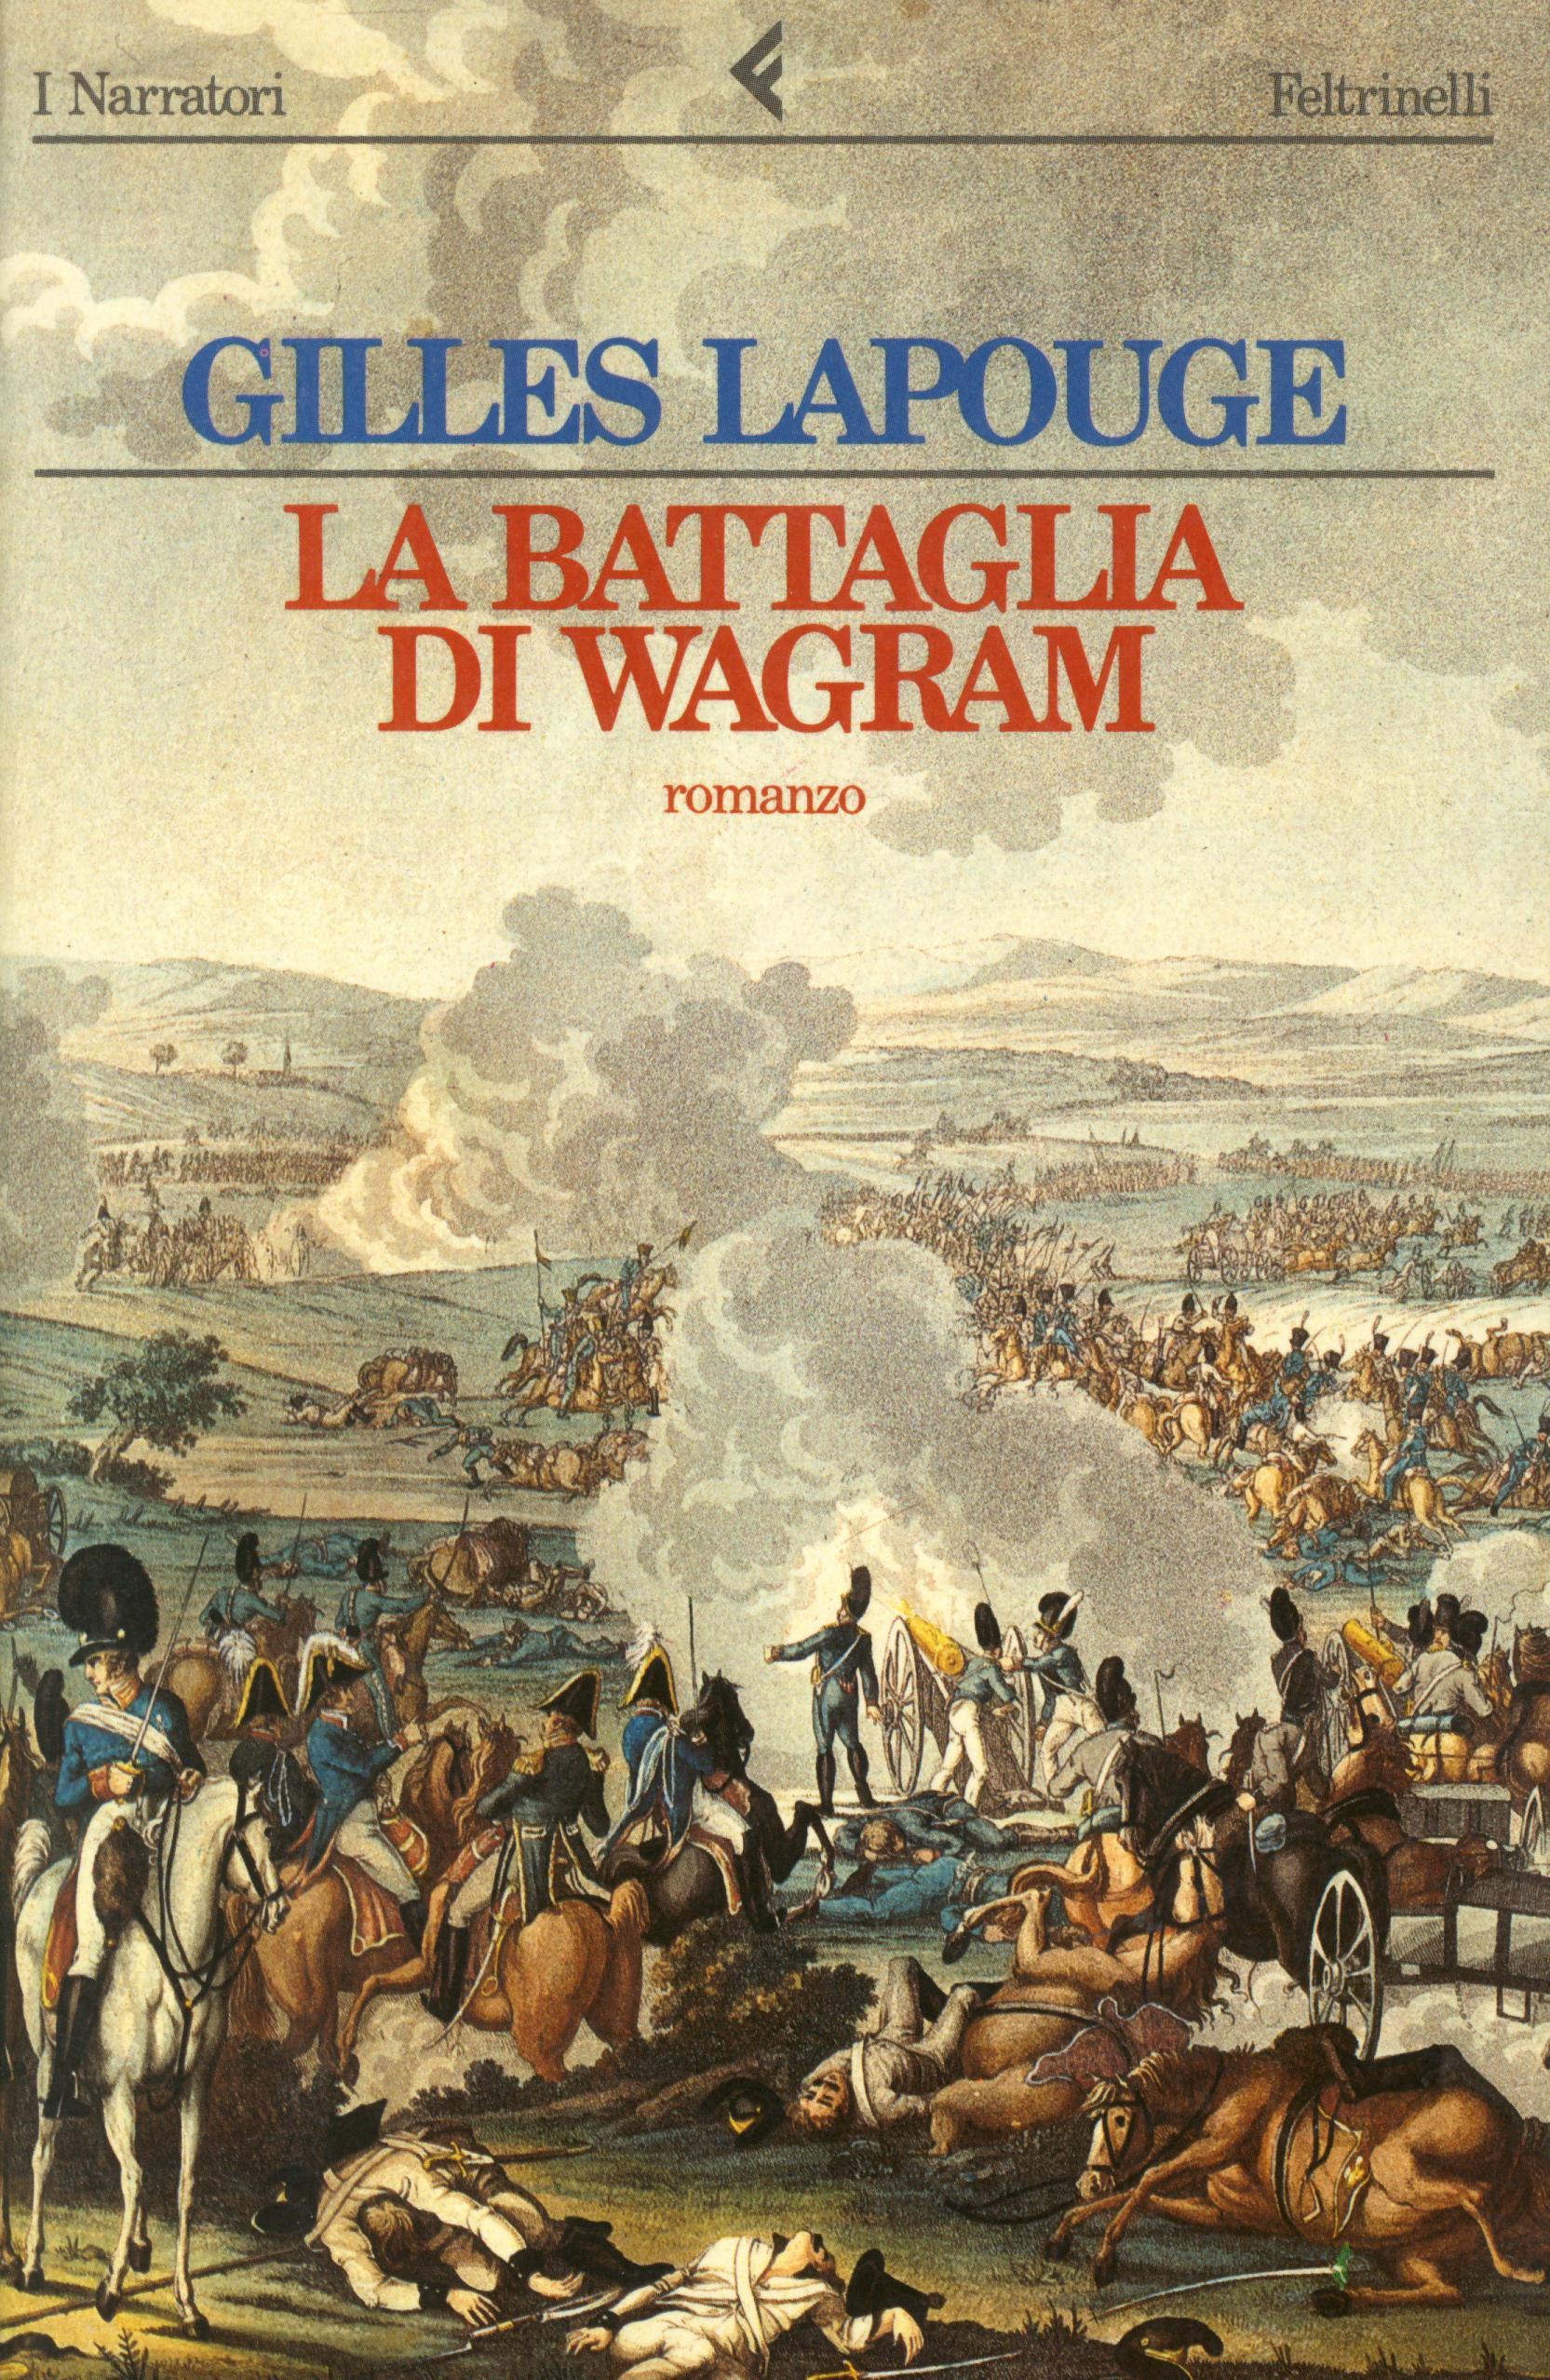 La battaglia di Wagram